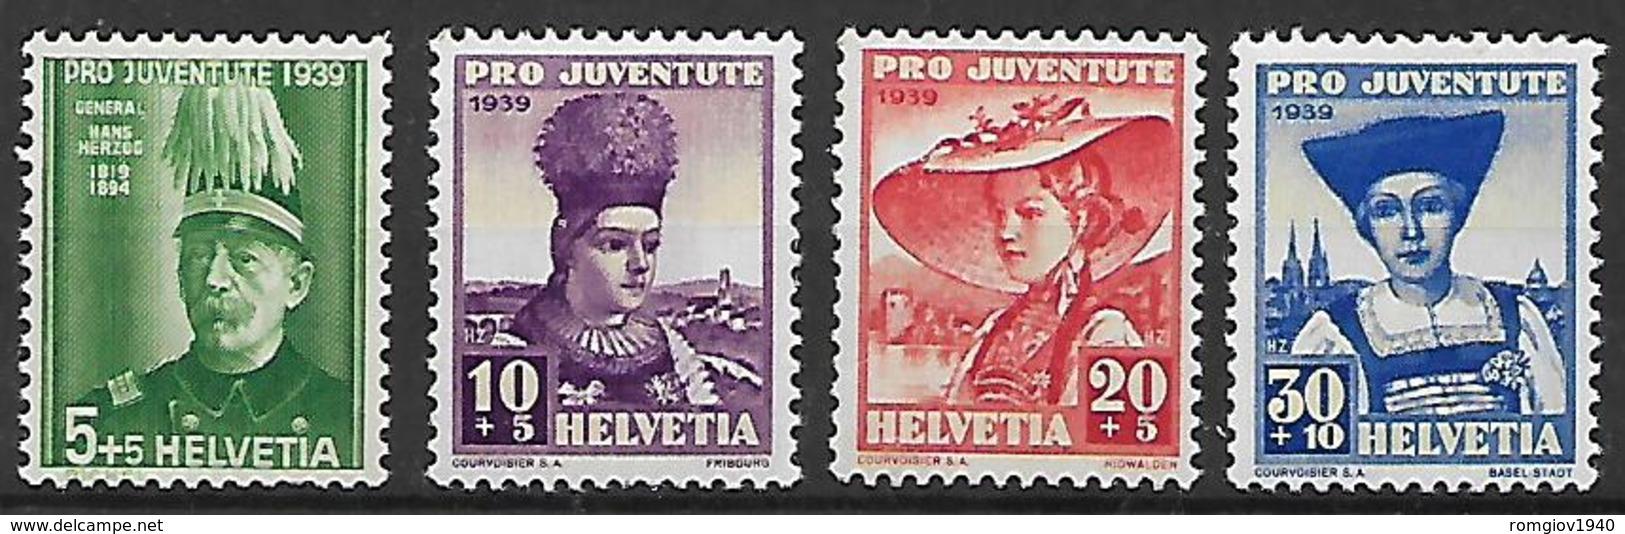 SVIZZERA  1938 PRO JUVENTUDE UNIF. 316-319 MNH XF - Svizzera